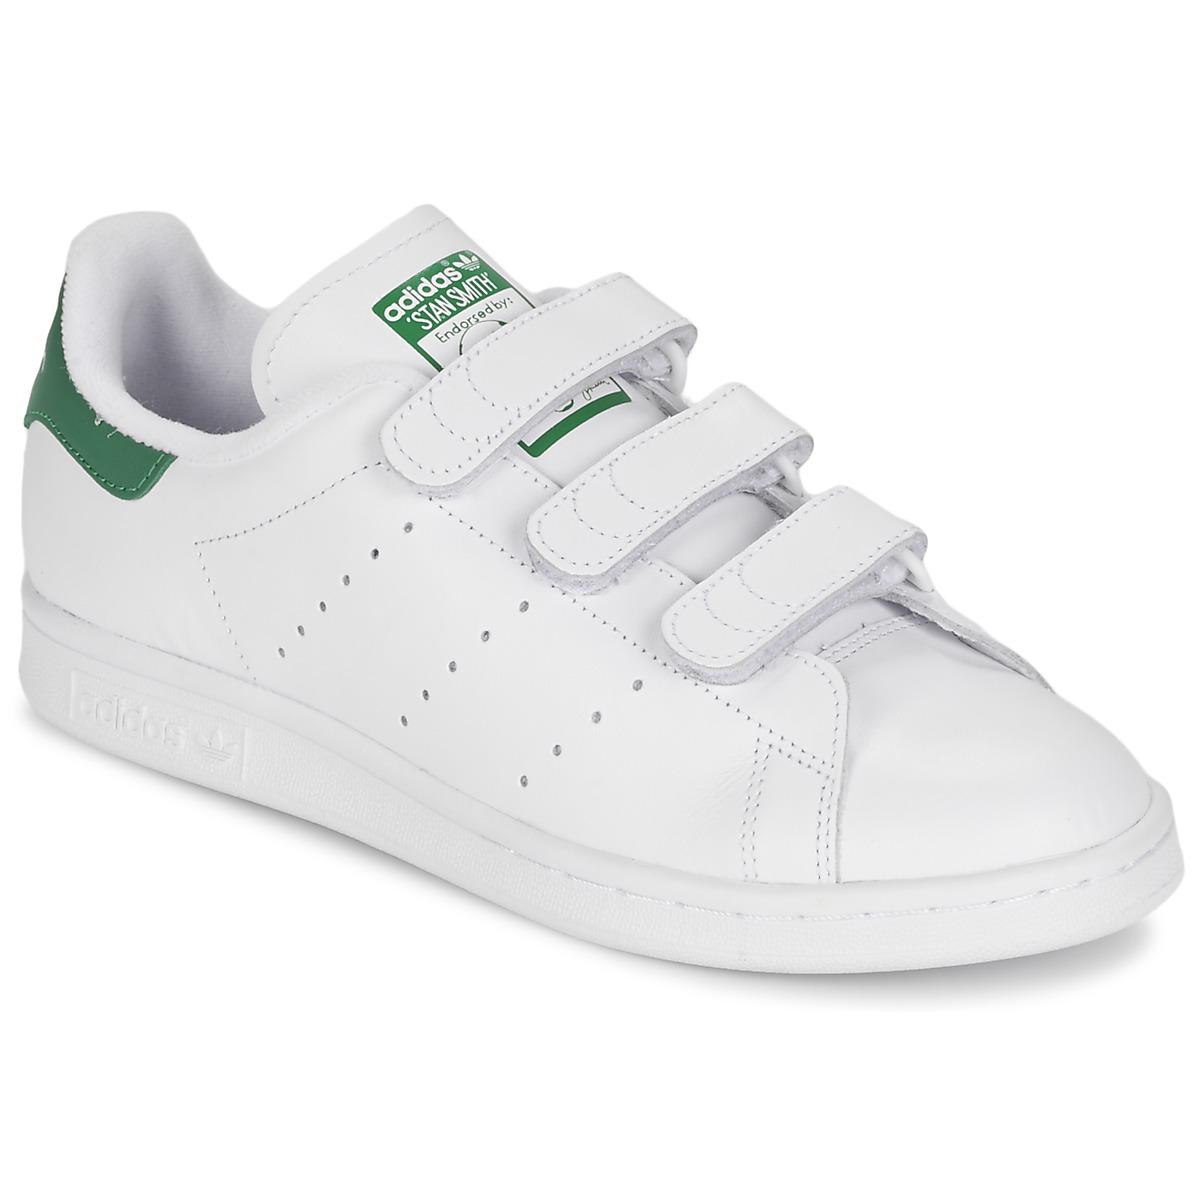 adidas schoenen kindermaat